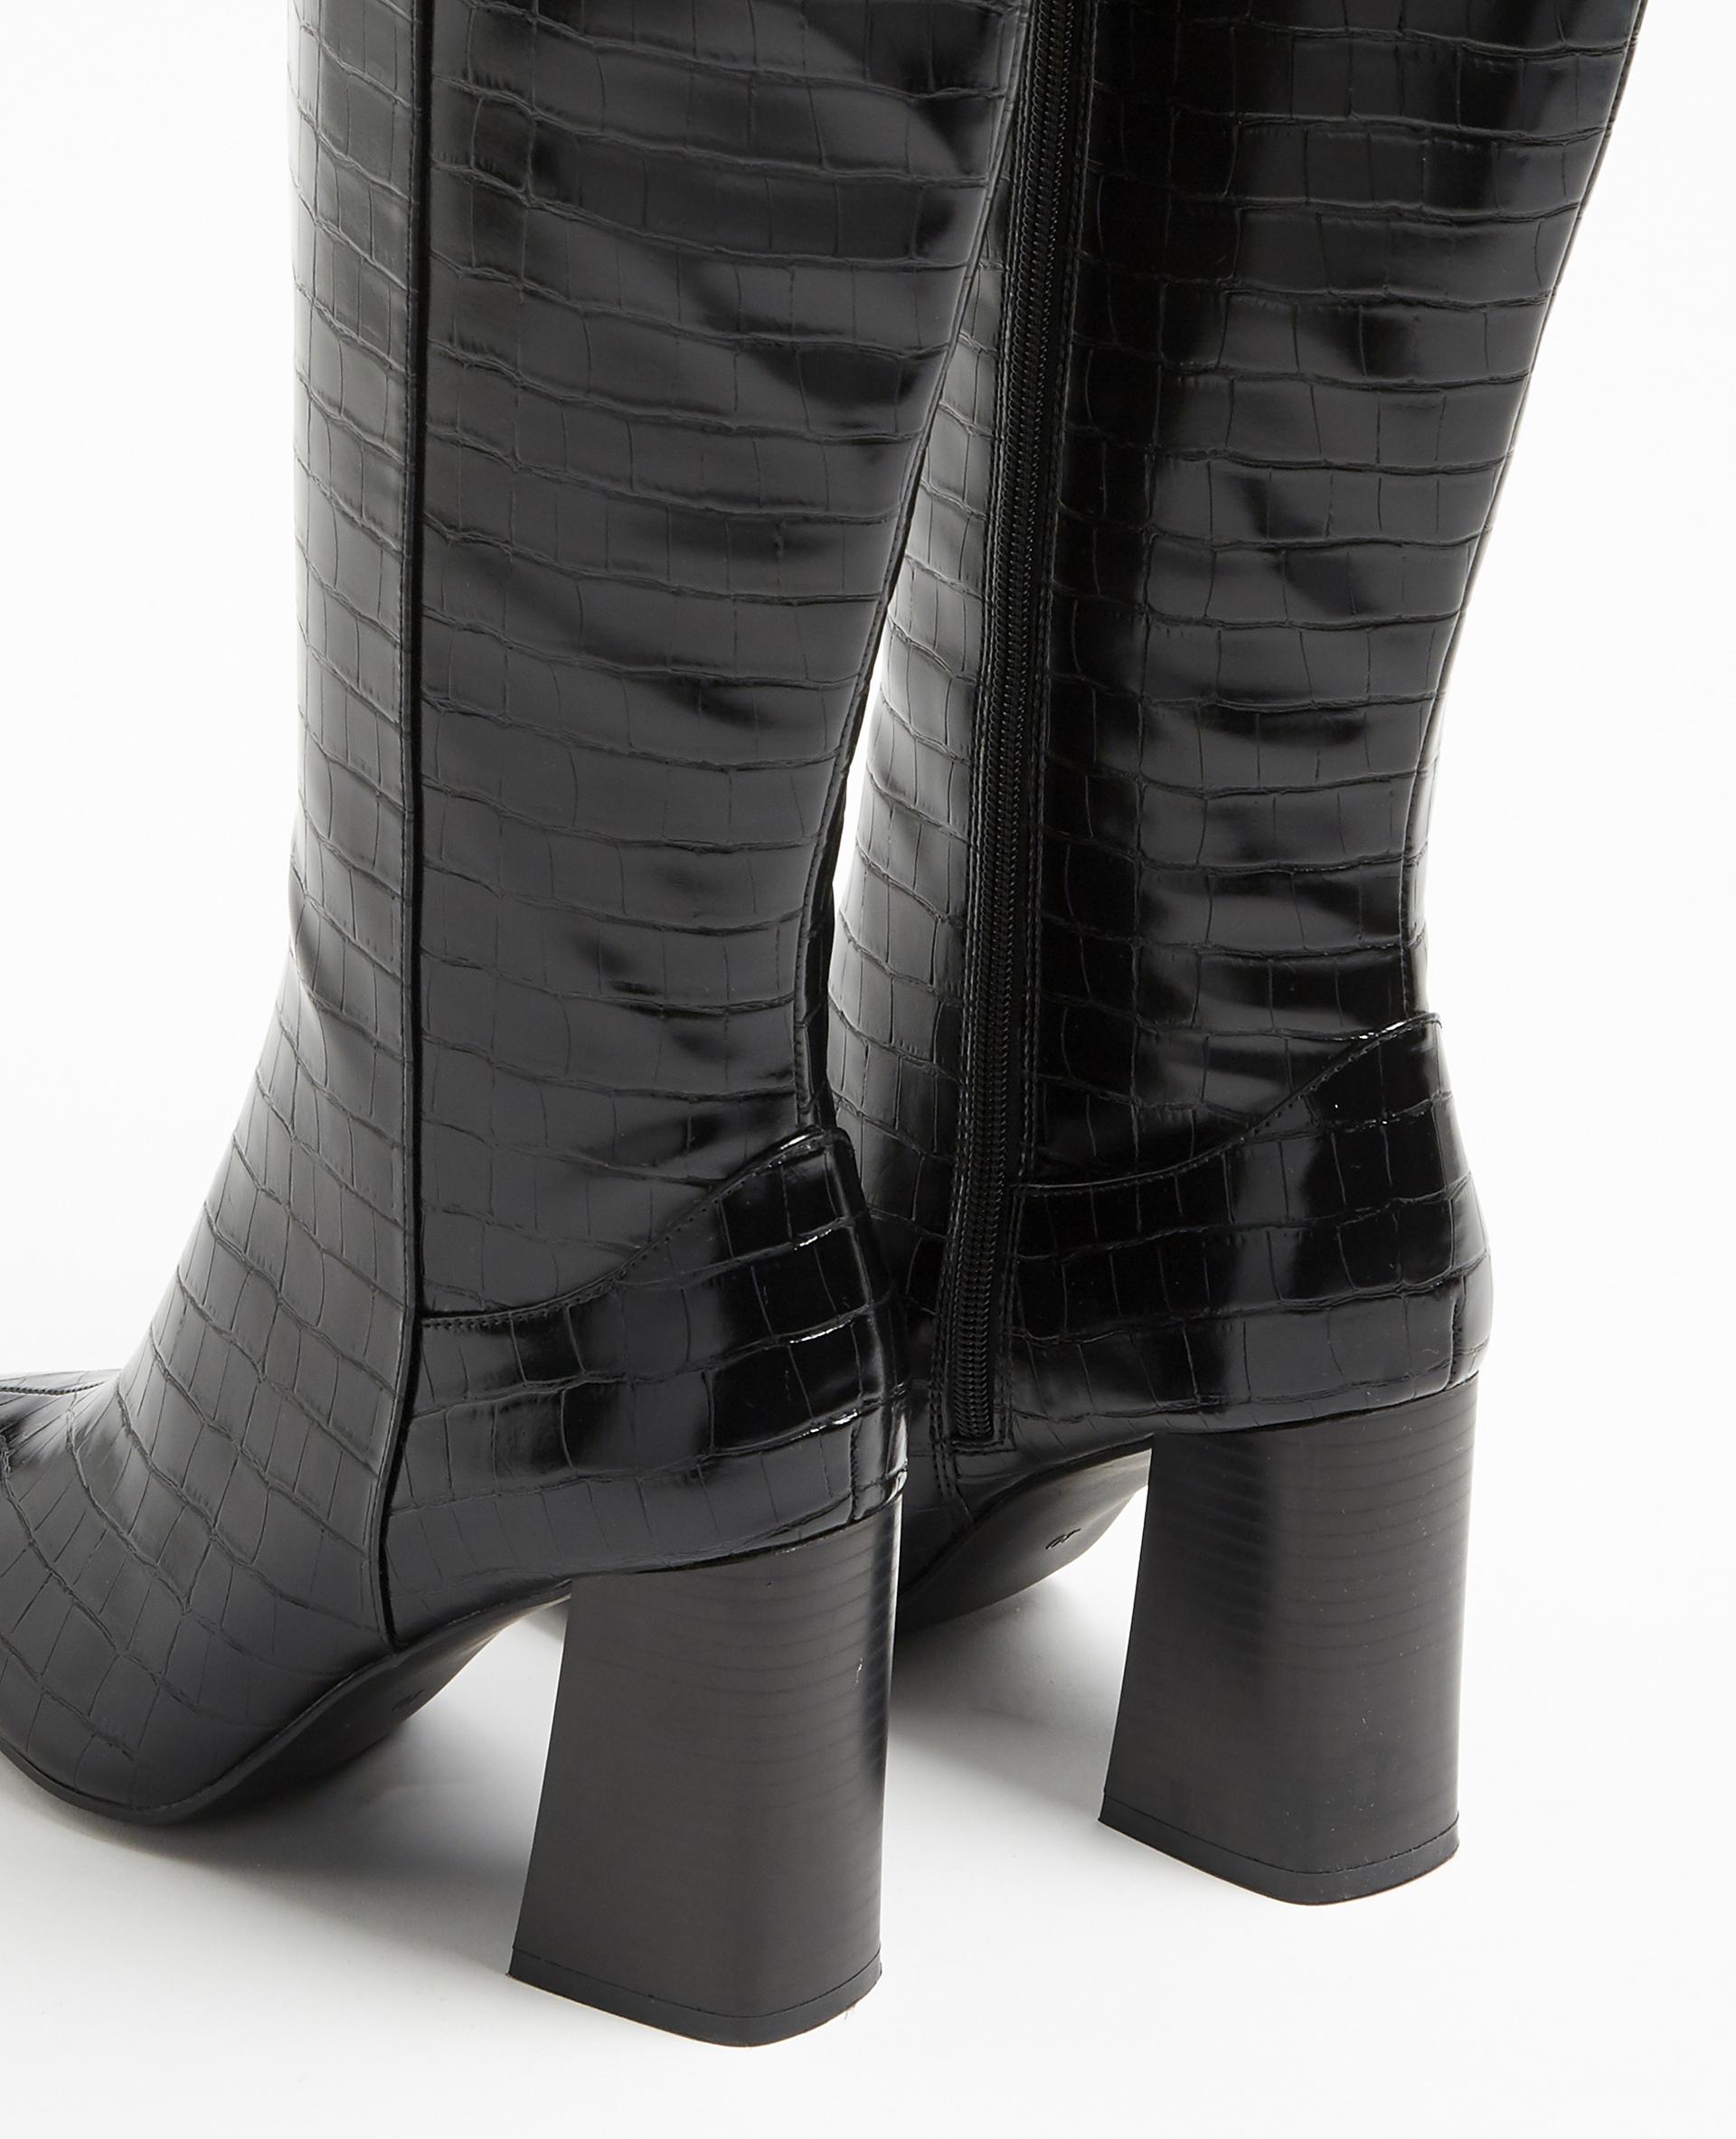 Bottes hautes croco noir - Pimkie